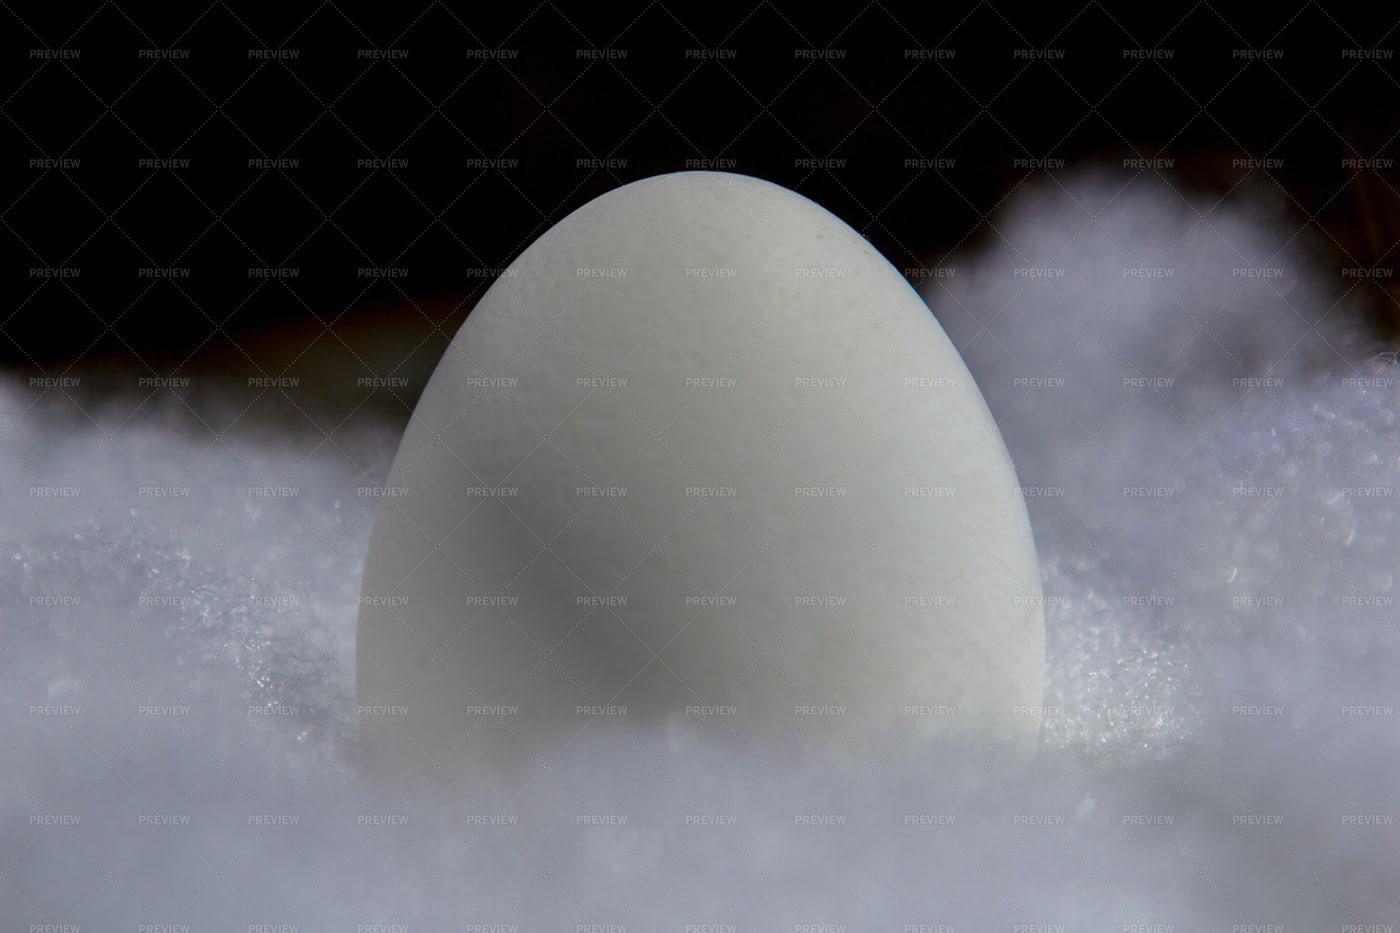 White Egg On White Cotton: Stock Photos